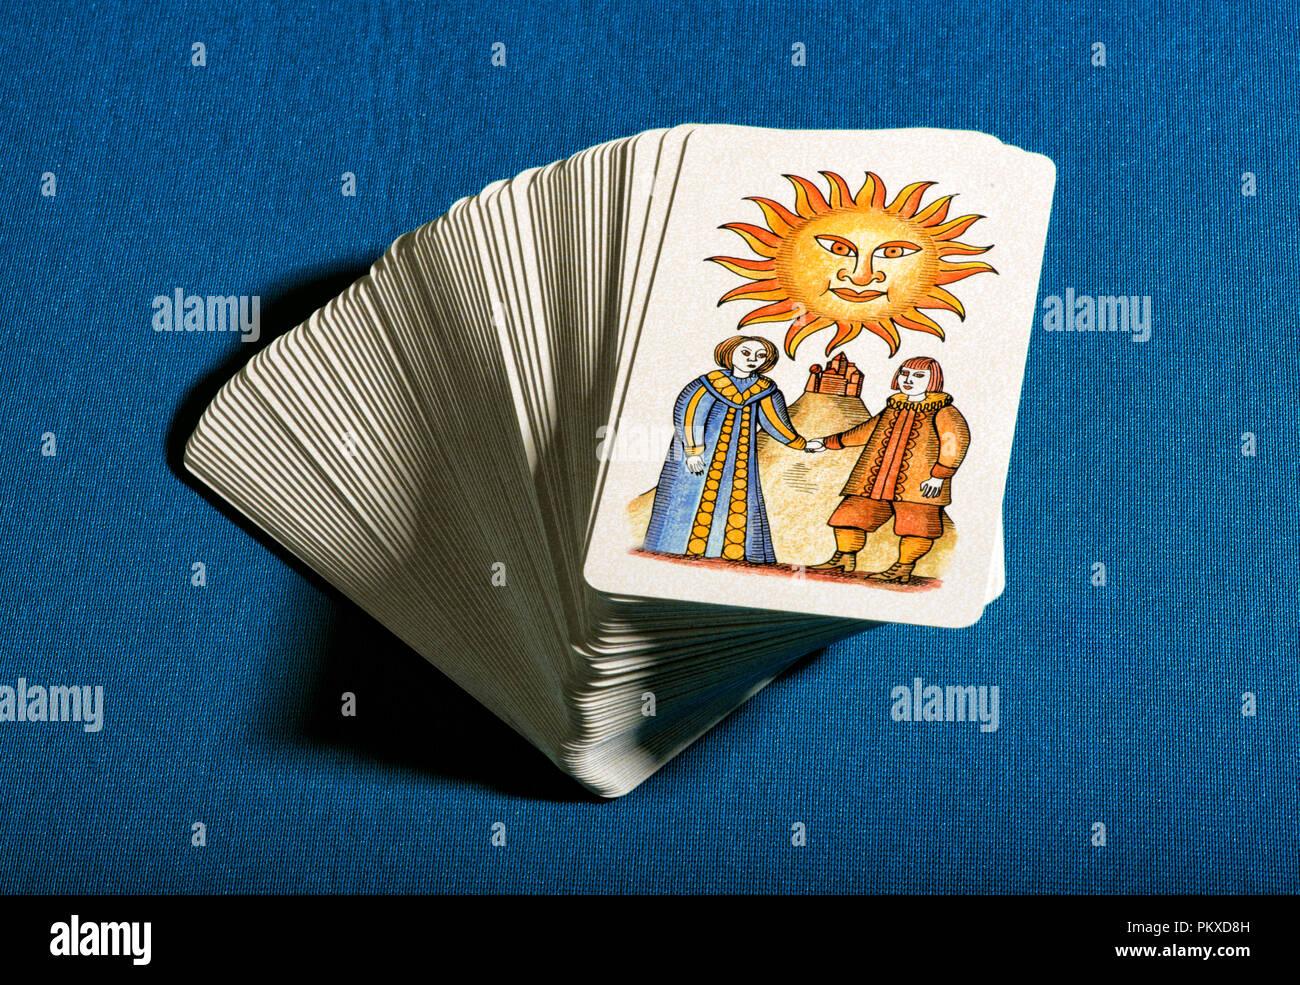 Jeu de cartes de tarot empilé avec la carte graphique montrant le soleil au-dessus de la bonne fortune conceptuelle et d'optimisme sur fond bleu Photo Stock